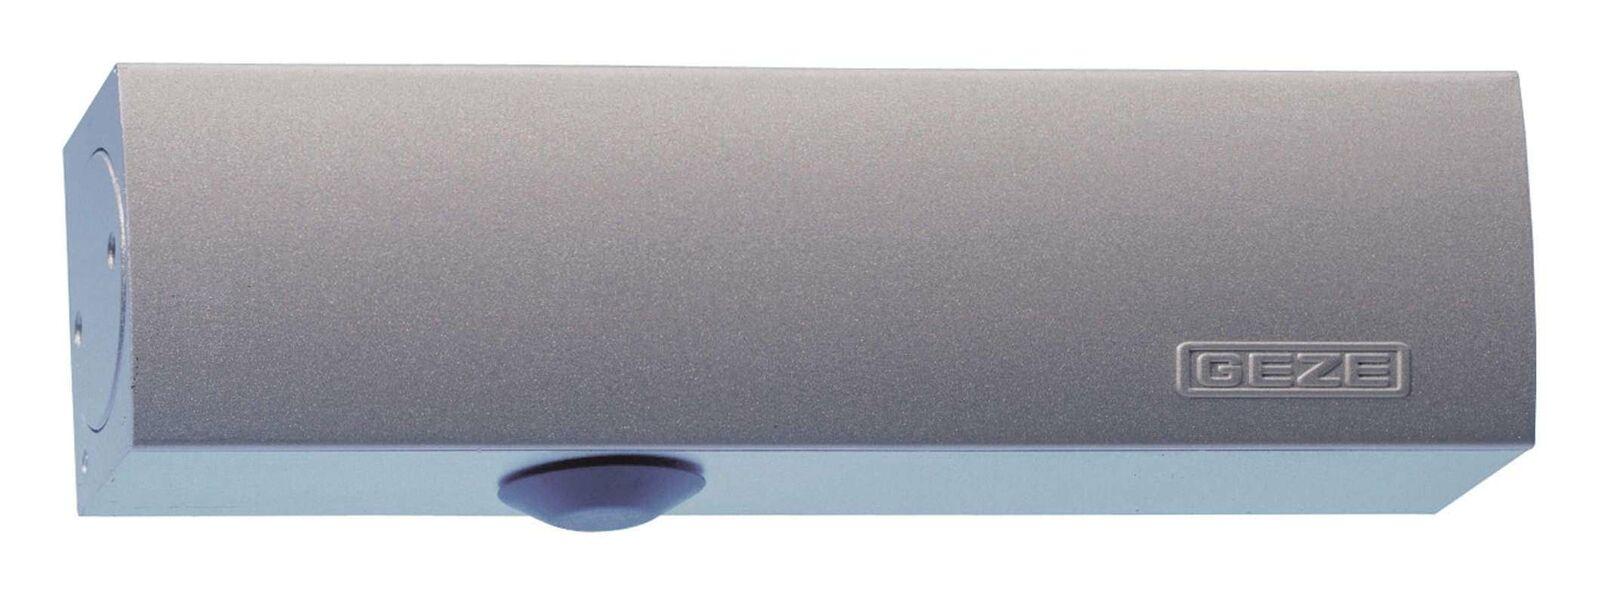 Geze Türschliesser TS 3000 weiss (RAL 9016) ohne Gestänge - 28350  | Modern  | Speichern  | Sale Outlet  | Sale Online